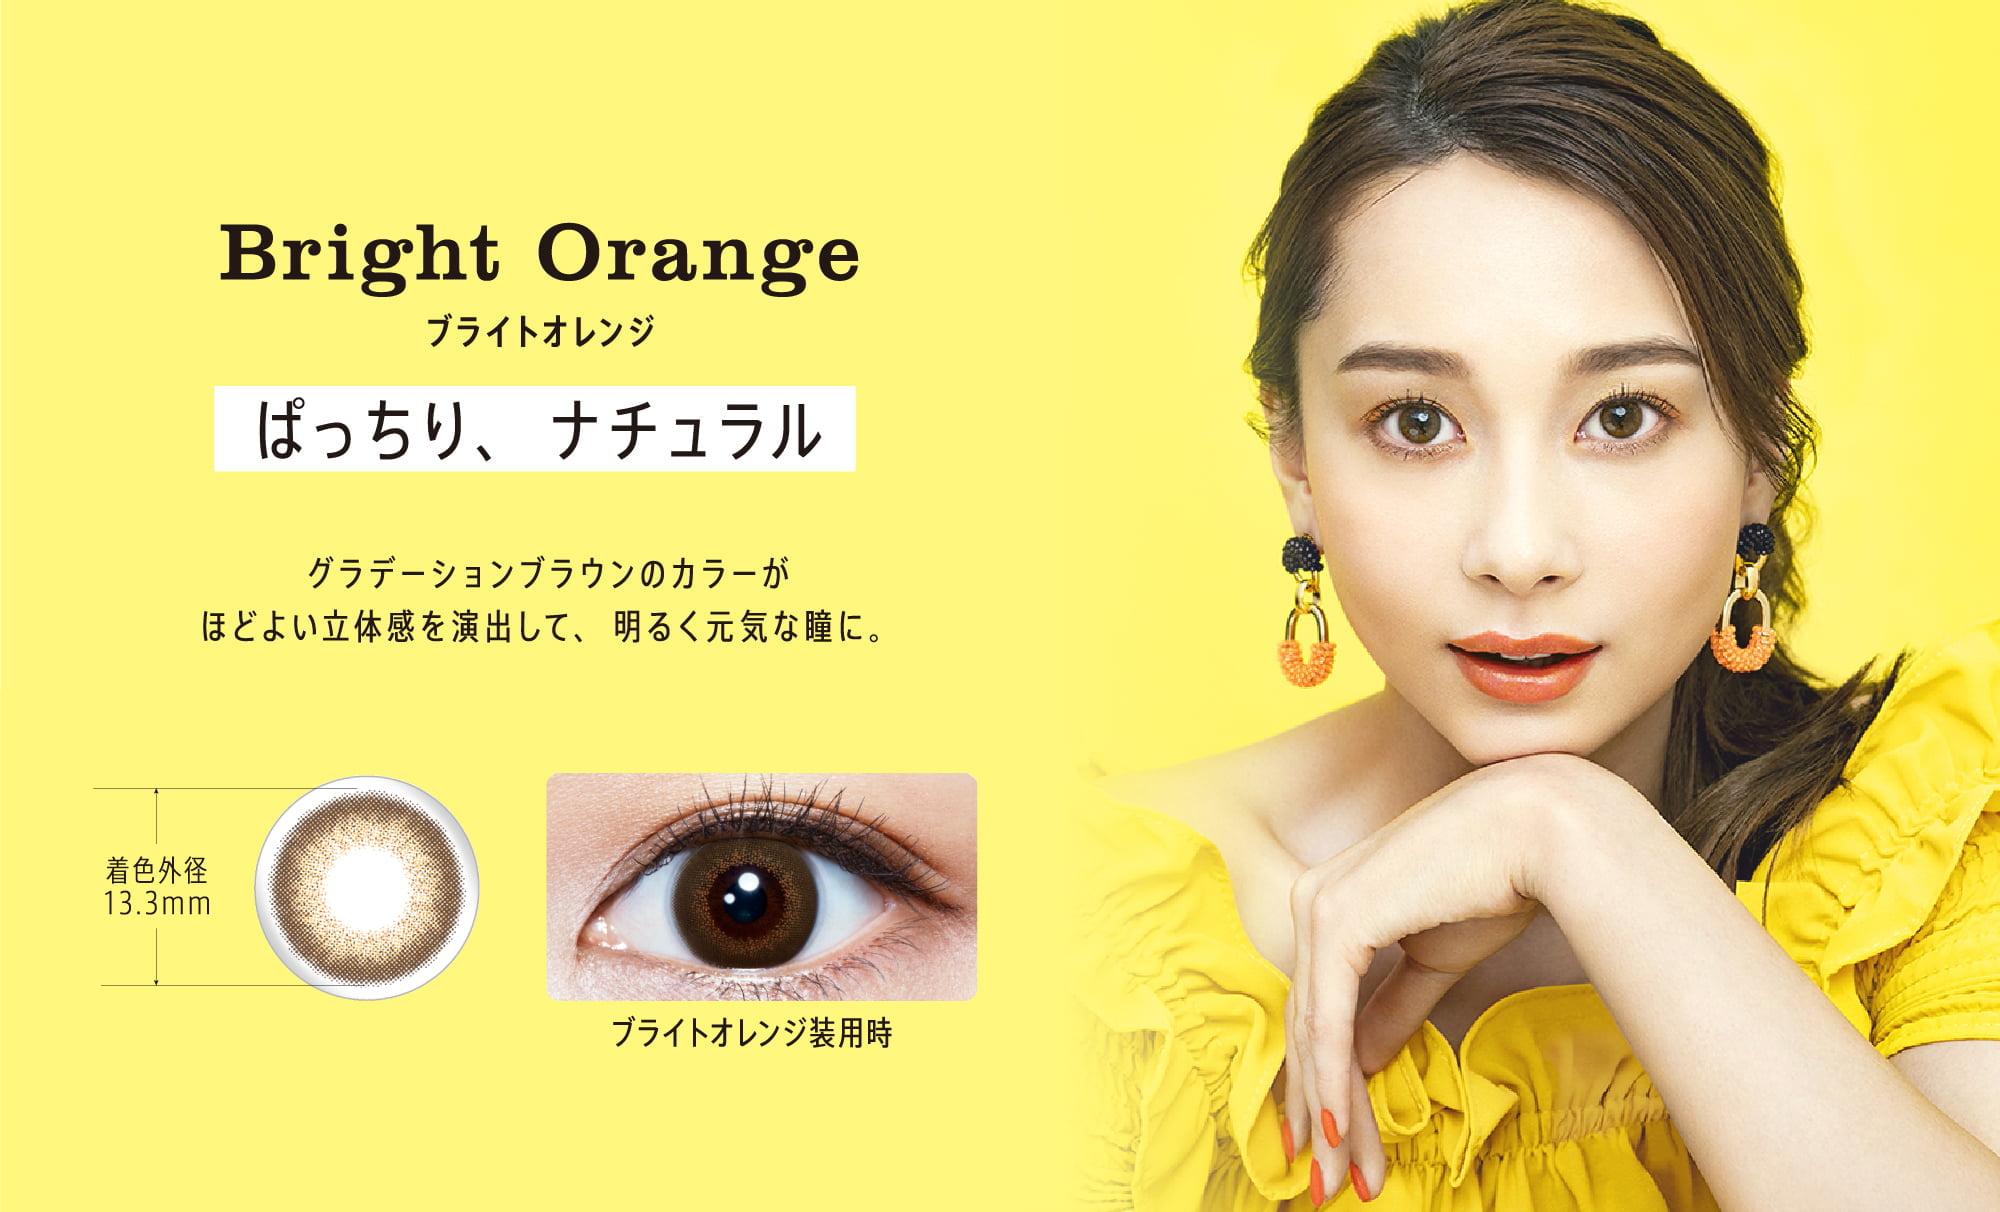 ブライトオレンジ ぱっちり、ナチュラル グラデーションブラウンのカラーがほどよい立体感を演出して、明るく元気な瞳に。